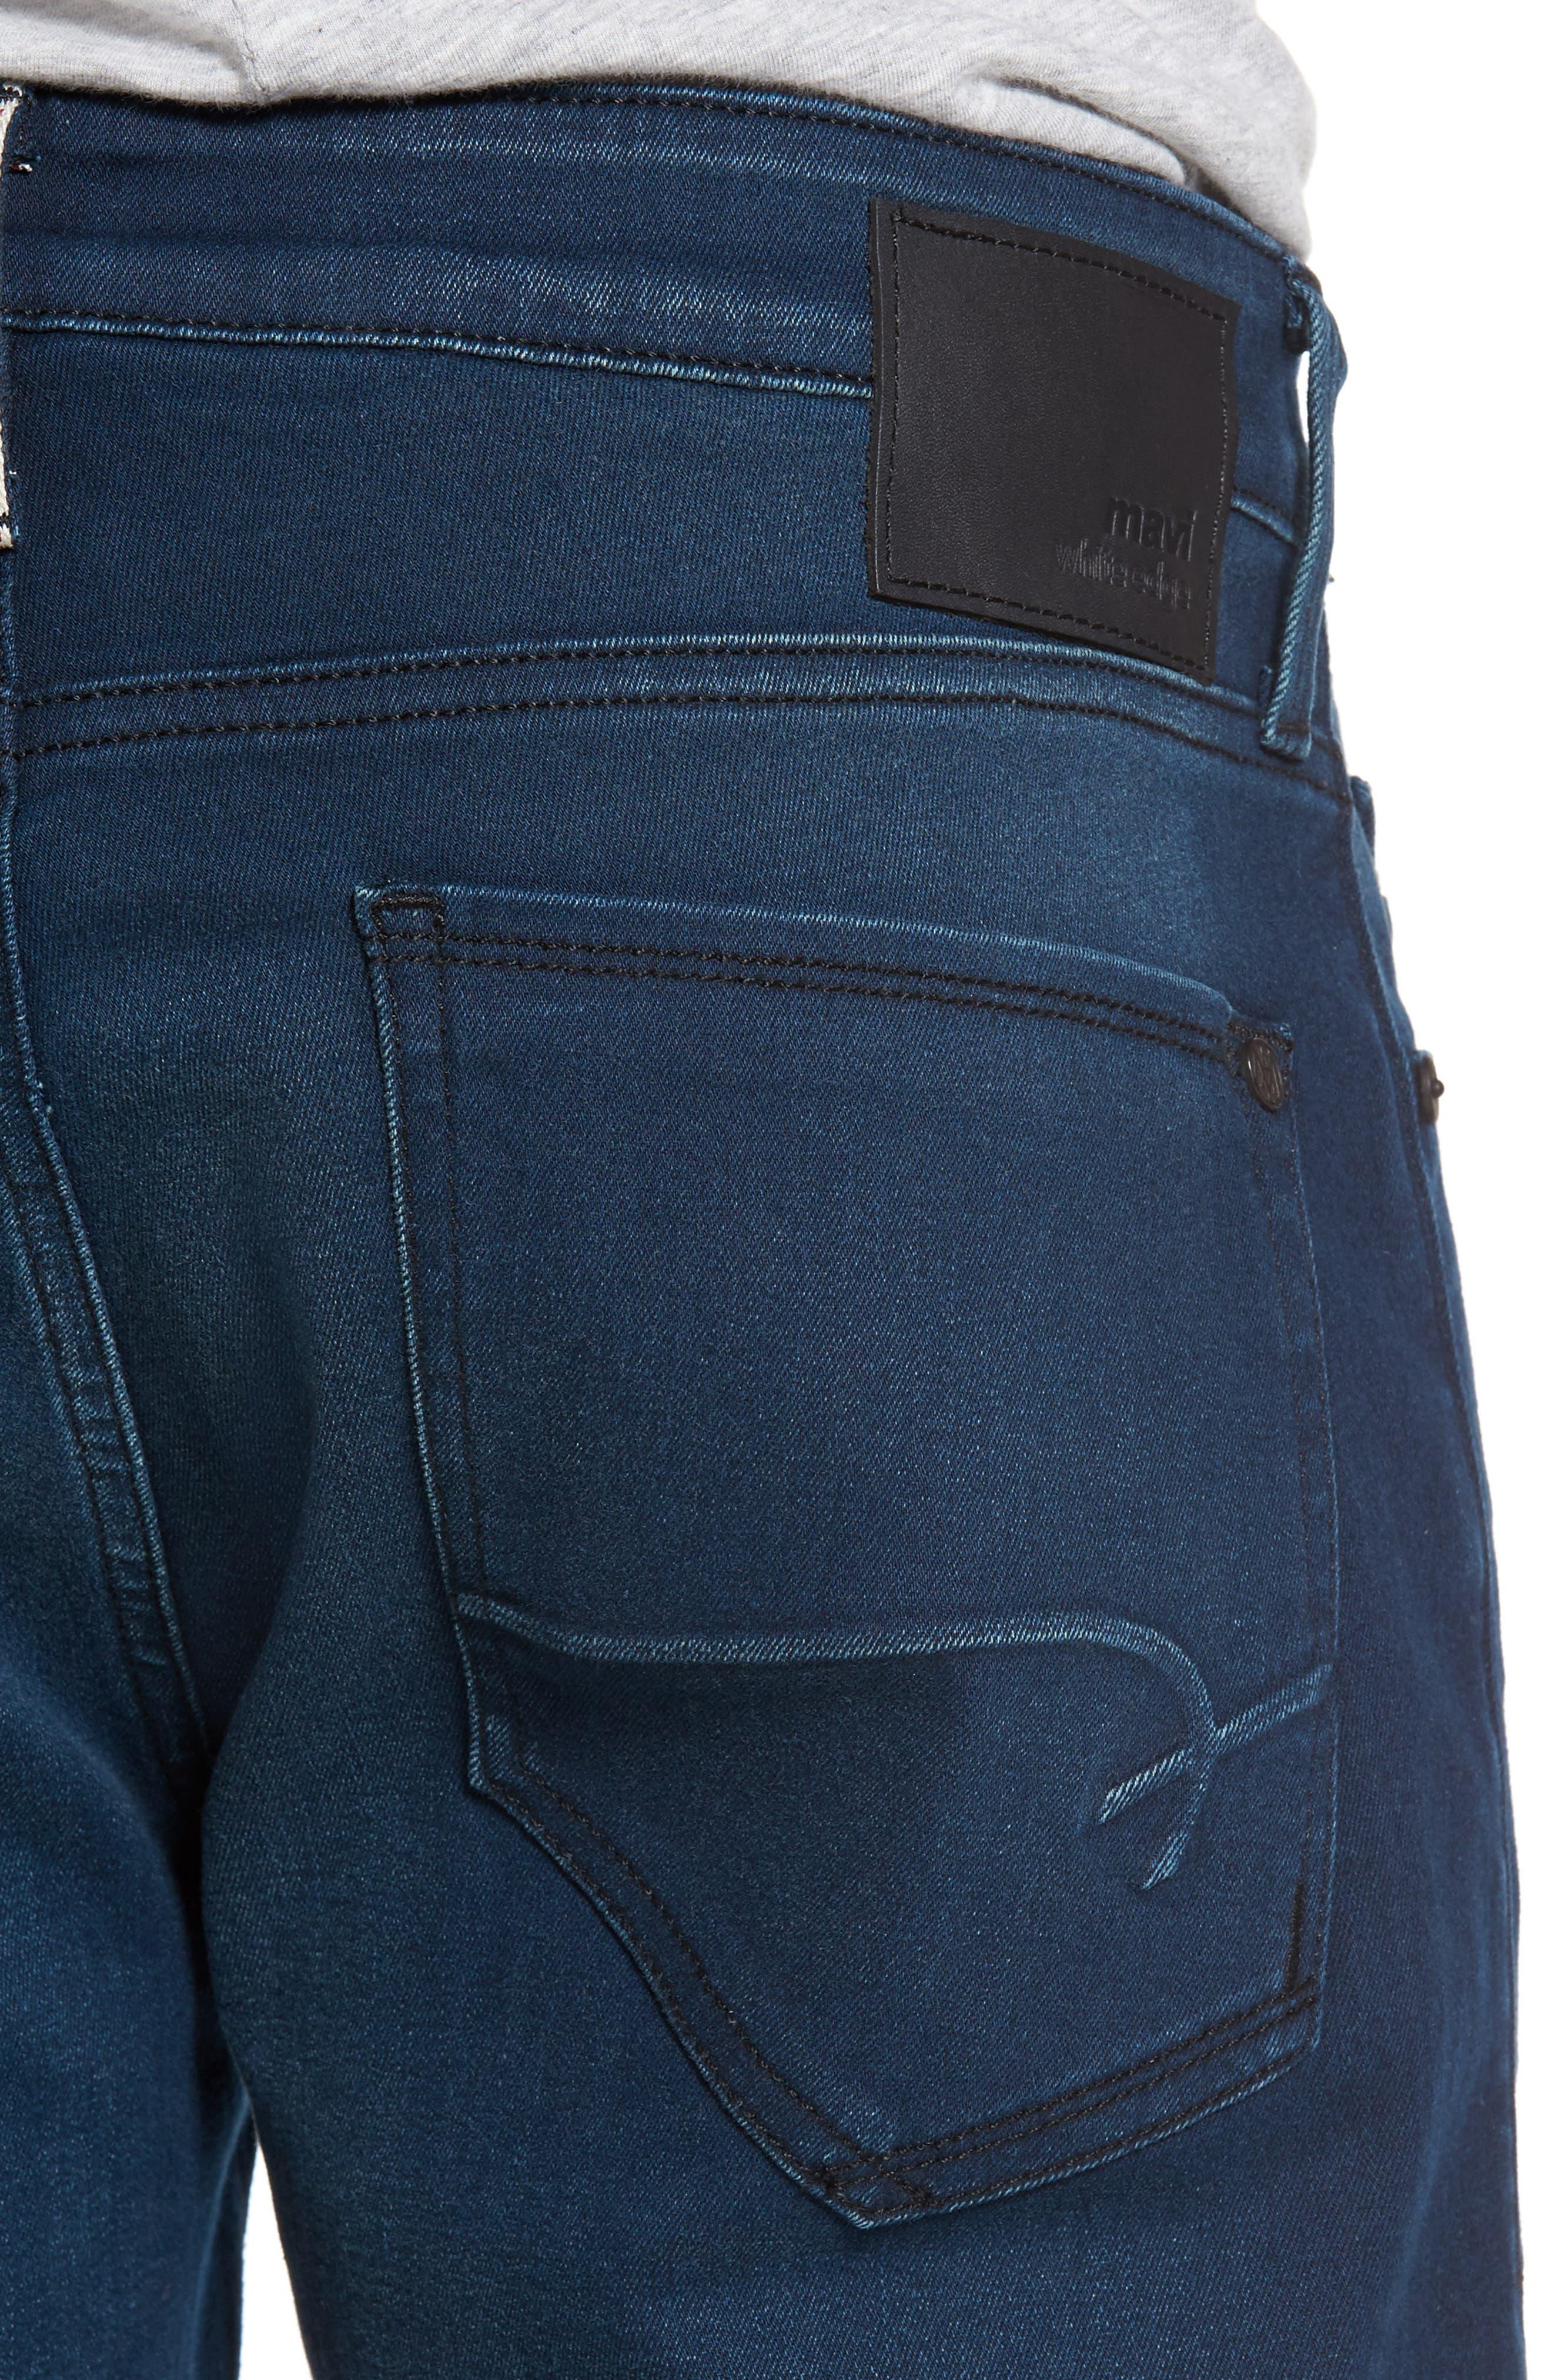 Jake Slim Fit Jeans,                             Alternate thumbnail 4, color,                             Ink Brushed Williamsburg